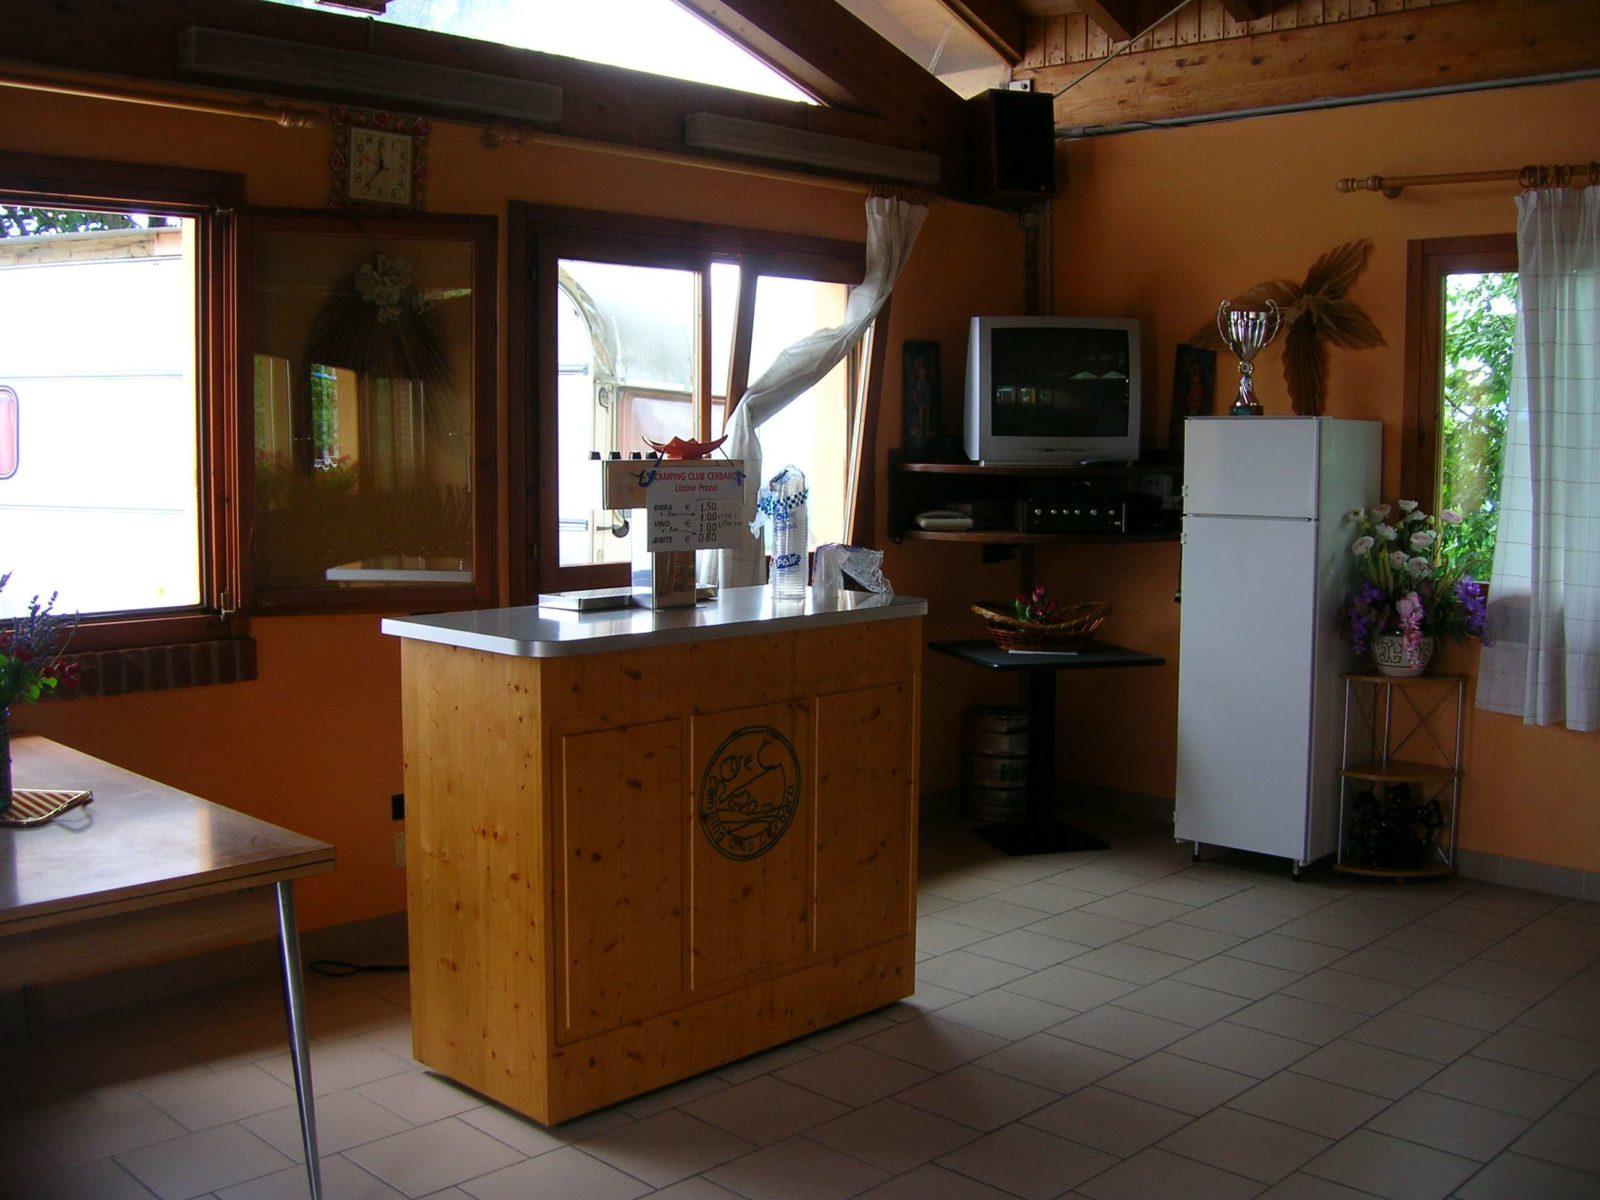 salone-spine-camping-club-cerbaro-e1478959739217